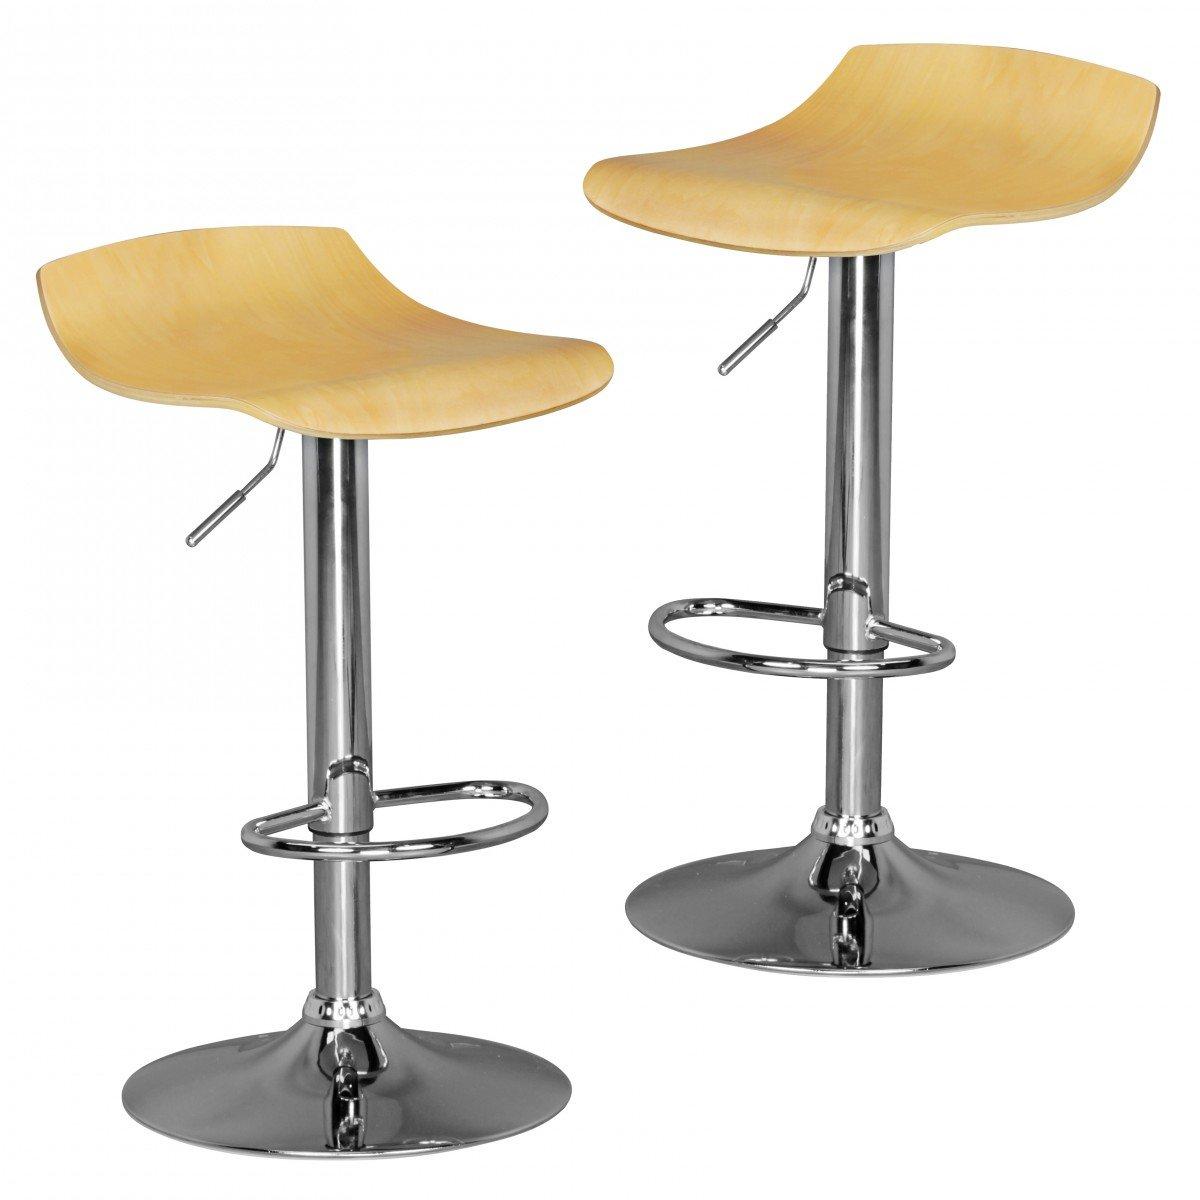 FineBuy Tokyo 2er Set   Barhocker mit 360° drehbarer Sitzfläche aus Holz   Hocker ist höhenverstellbar   Design Barstuhl mit Fußstütze   Tresenstuhl ist verstellbar   Silberfarbenes Chromgestell